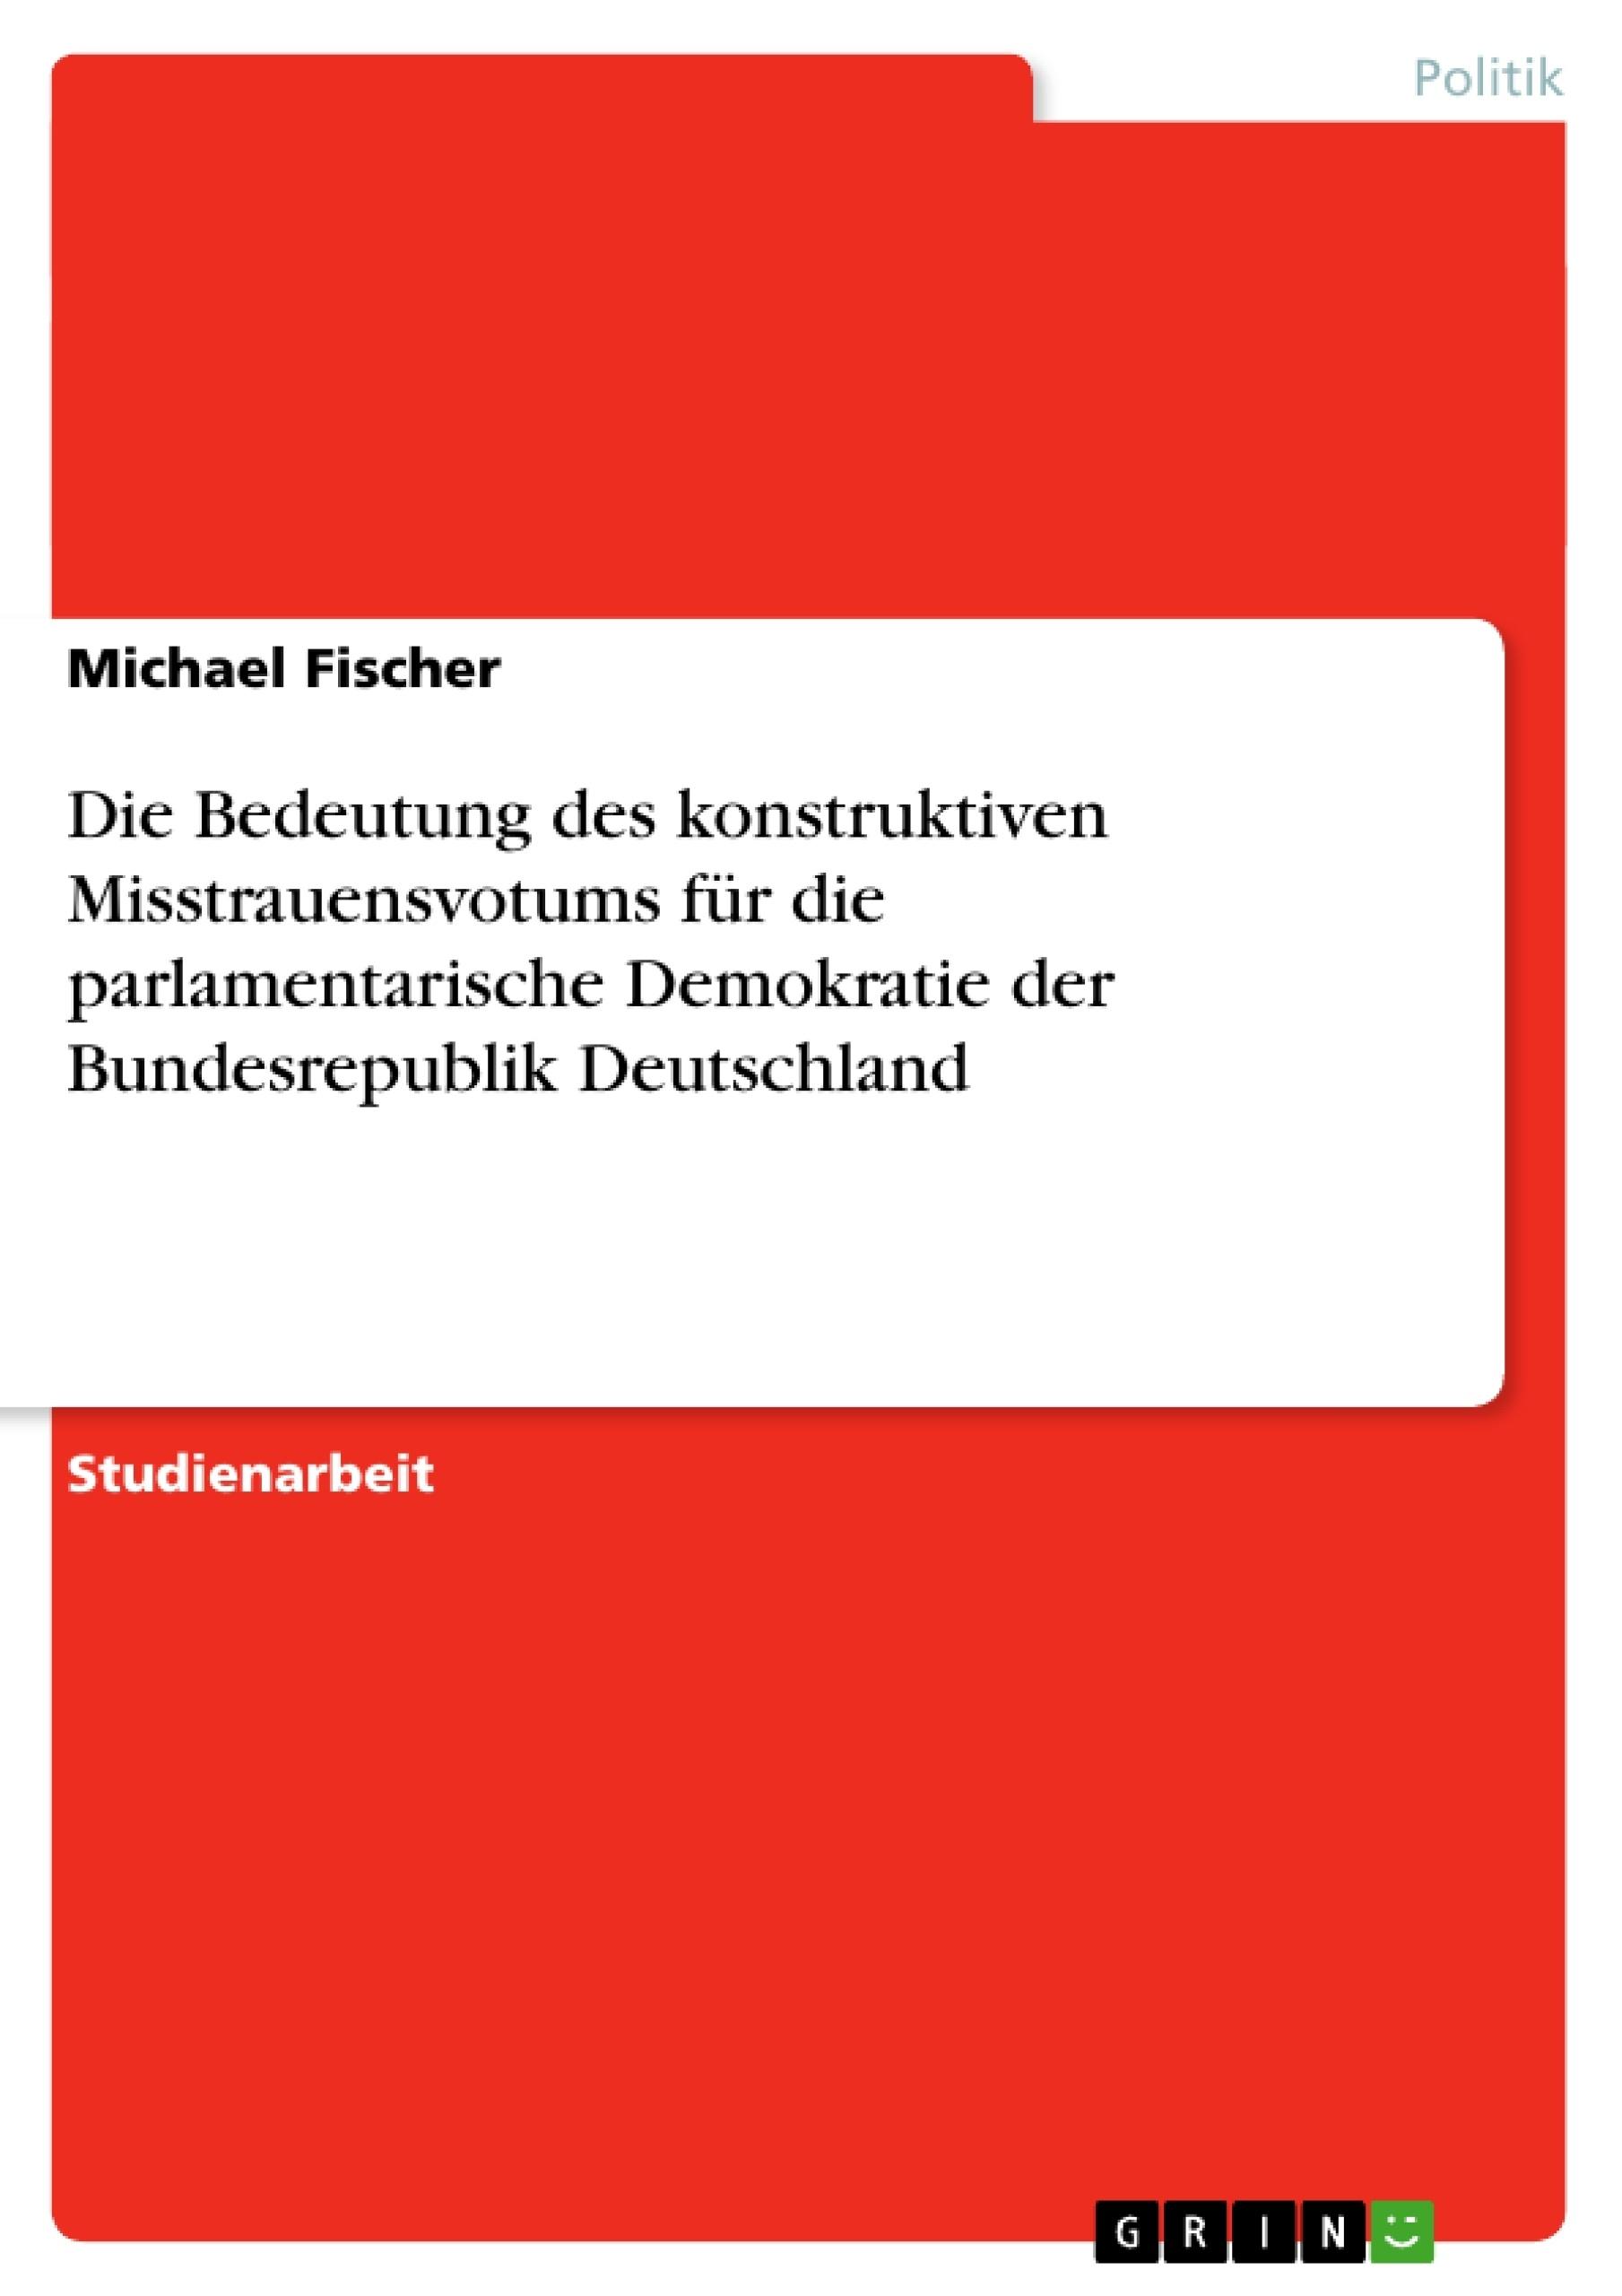 Titel: Die Bedeutung des konstruktiven Misstrauensvotums für die parlamentarische Demokratie der Bundesrepublik Deutschland